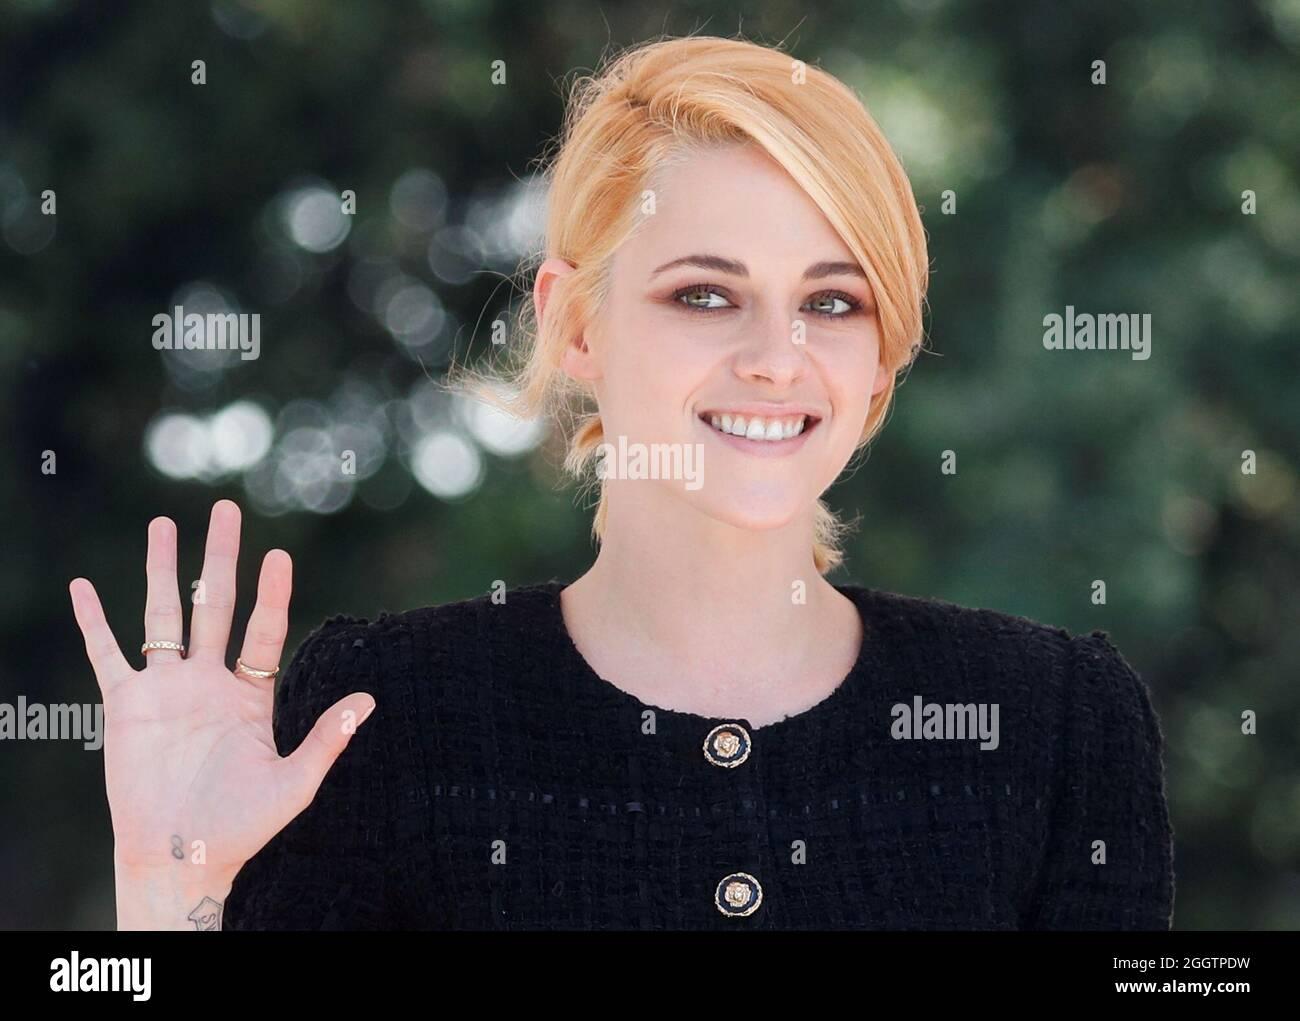 Die Schauspielerin Kristen Stewart winkt während der 78. Internationalen Filmfestspiele von Venedig, Italien, am 3. September 2021. REUTERS/Yara Nardi Stockfoto